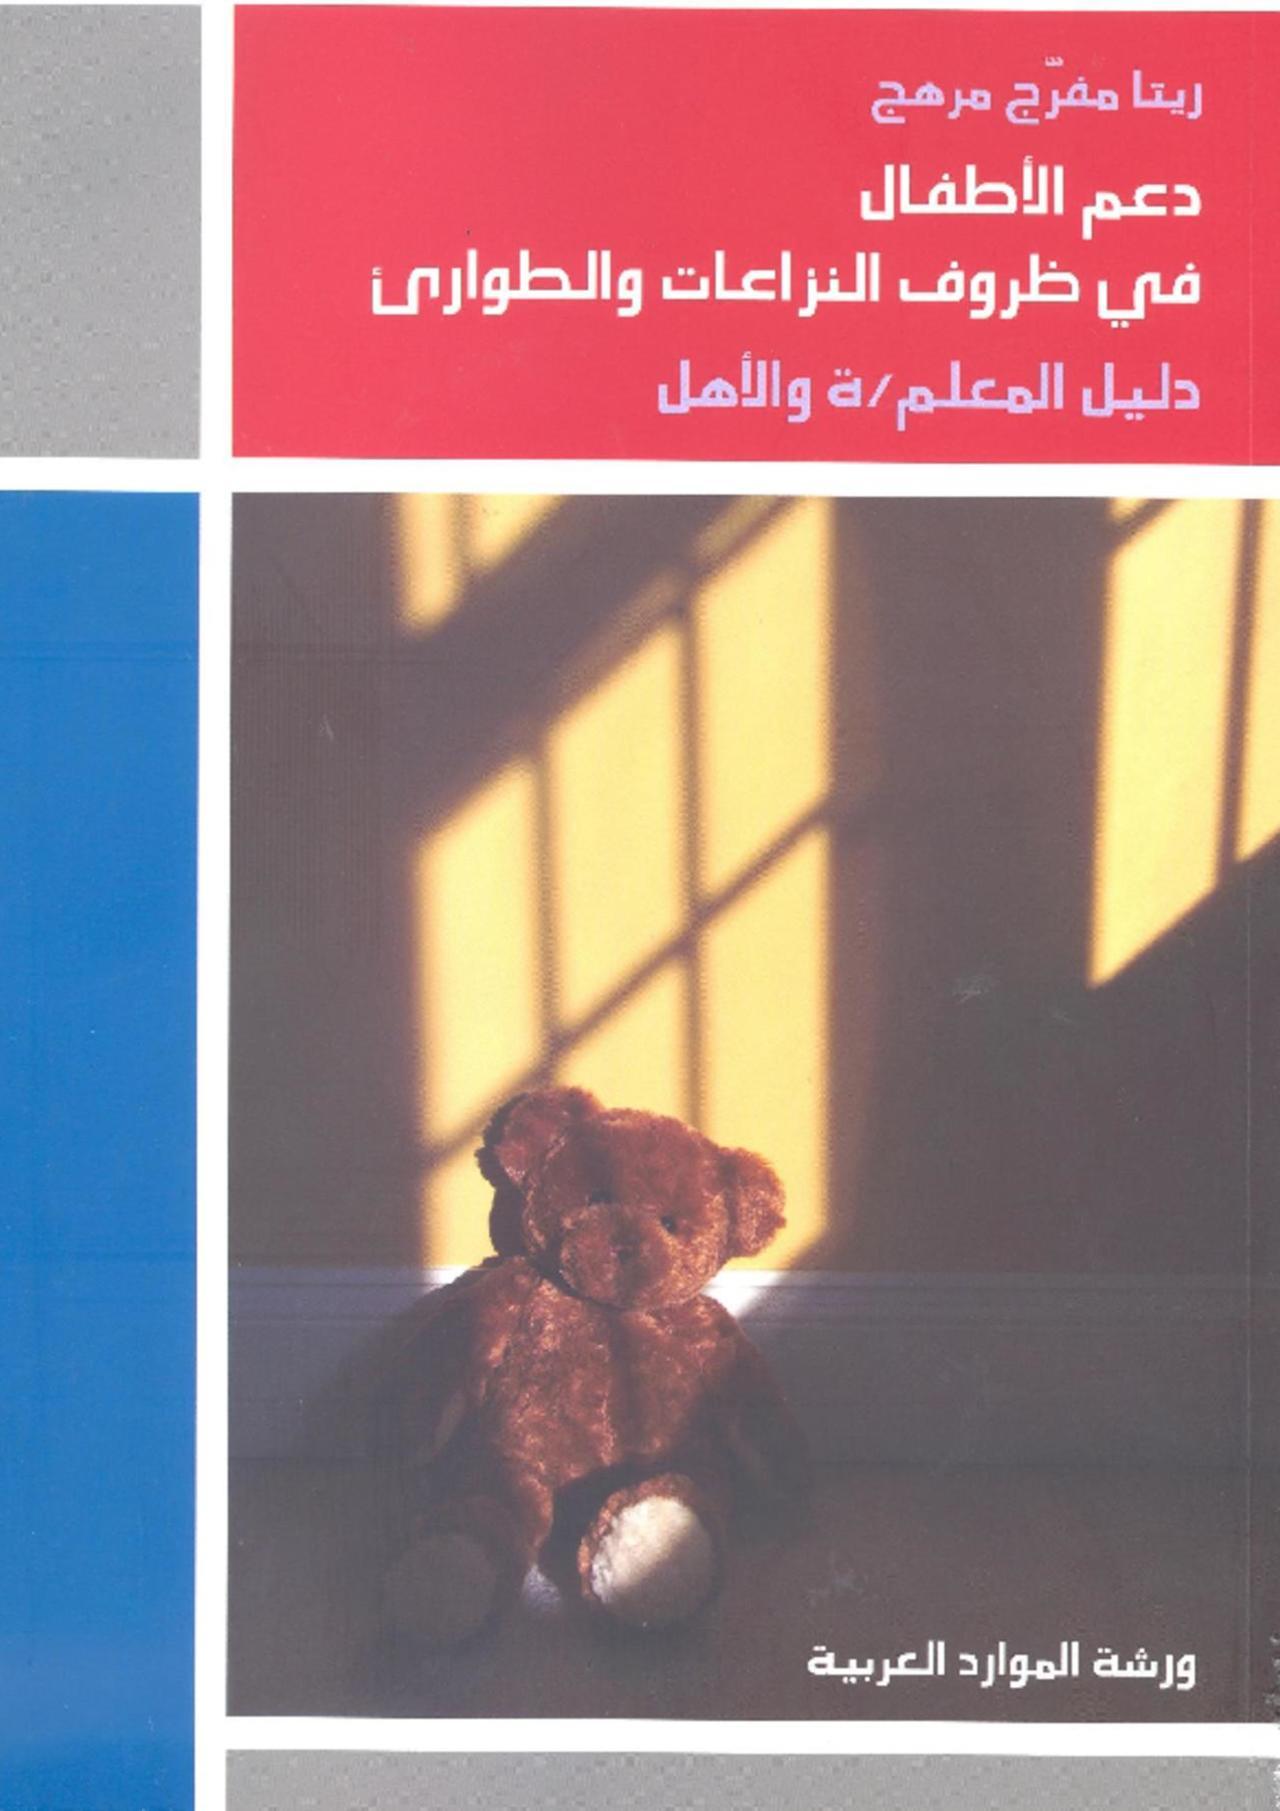 دعم الأطفال في ظروف النزاعات والطوارئ دليل المعلم/ة والأهل